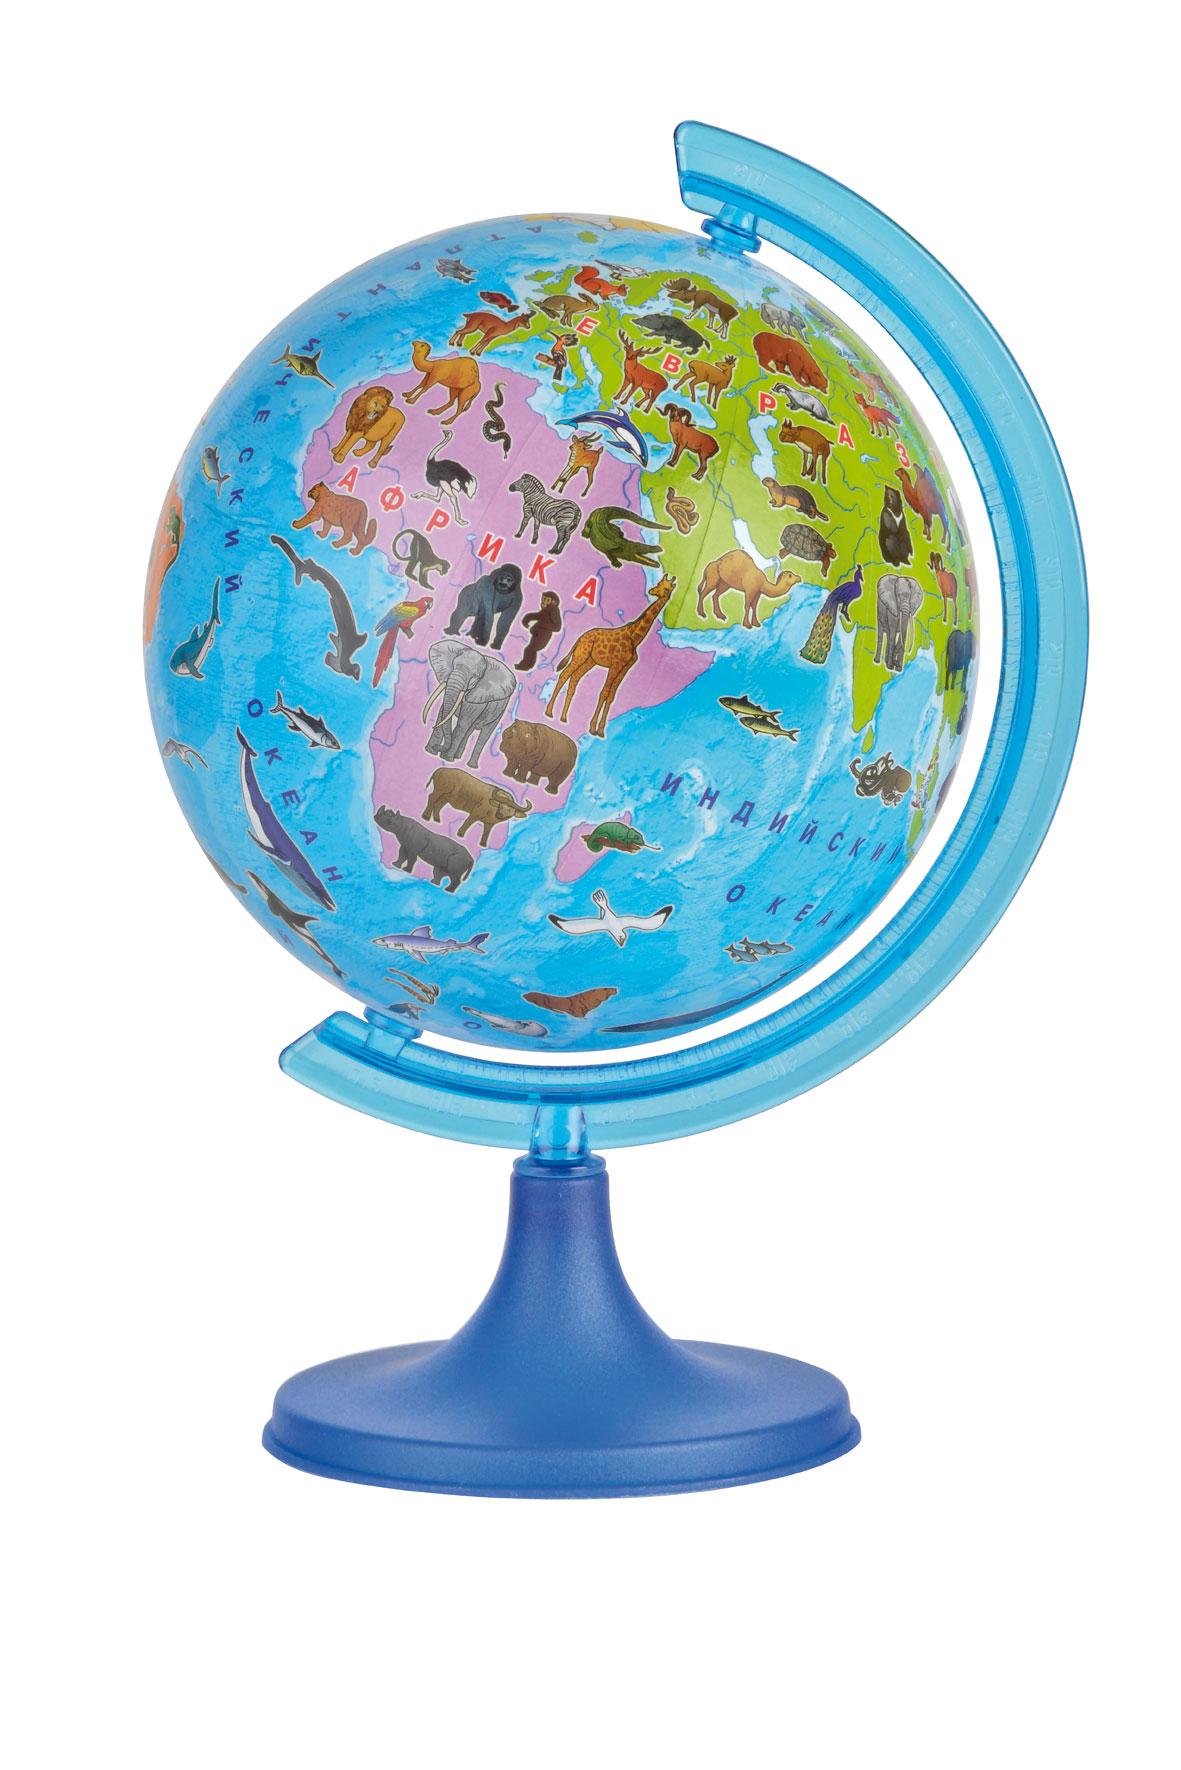 Глобус DMB Сафари, диаметр 11 см + Мини-энциклопедия Животный Мир ЗемлиОСН1224095Глобус DMB Сафари изготовлен из высококачественногопрочного пластика в оригинальной, яркой цветной гамме, где все материки и океаны выполнены в ярких контрастных красках, что привлечет внимание и интерес ребенка. На глобусе отображены самые известные животные, наиболее характерные для той или иной среды обитания. Изделие расположено на подставке. Географические названия на глобусе приведены нарусском языке. Сделайте первый шаг в стимулирование своегообучения! К глобусу прилагается мини-энциклопедия Животный Мир Земли, которая обязательно поможет детям и их родителям открыть для себя что-то новое в изучении животного мира нашей удивительной планеты.Настольный глобус DMB Сафари станет оригинальным украшением рабочегостола или вашего кабинета. Это изысканная вещь для стильного интерьера,которая станет прекрасным подарком для современного преуспевающегочеловека, следующего последним тенденциям моды и стремящегося кэлегантности и комфорту в каждой детали.Высота глобуса с подставкой: 17 см.Диаметр глобуса: 11 см.Масштаб: 1:115 000 000.